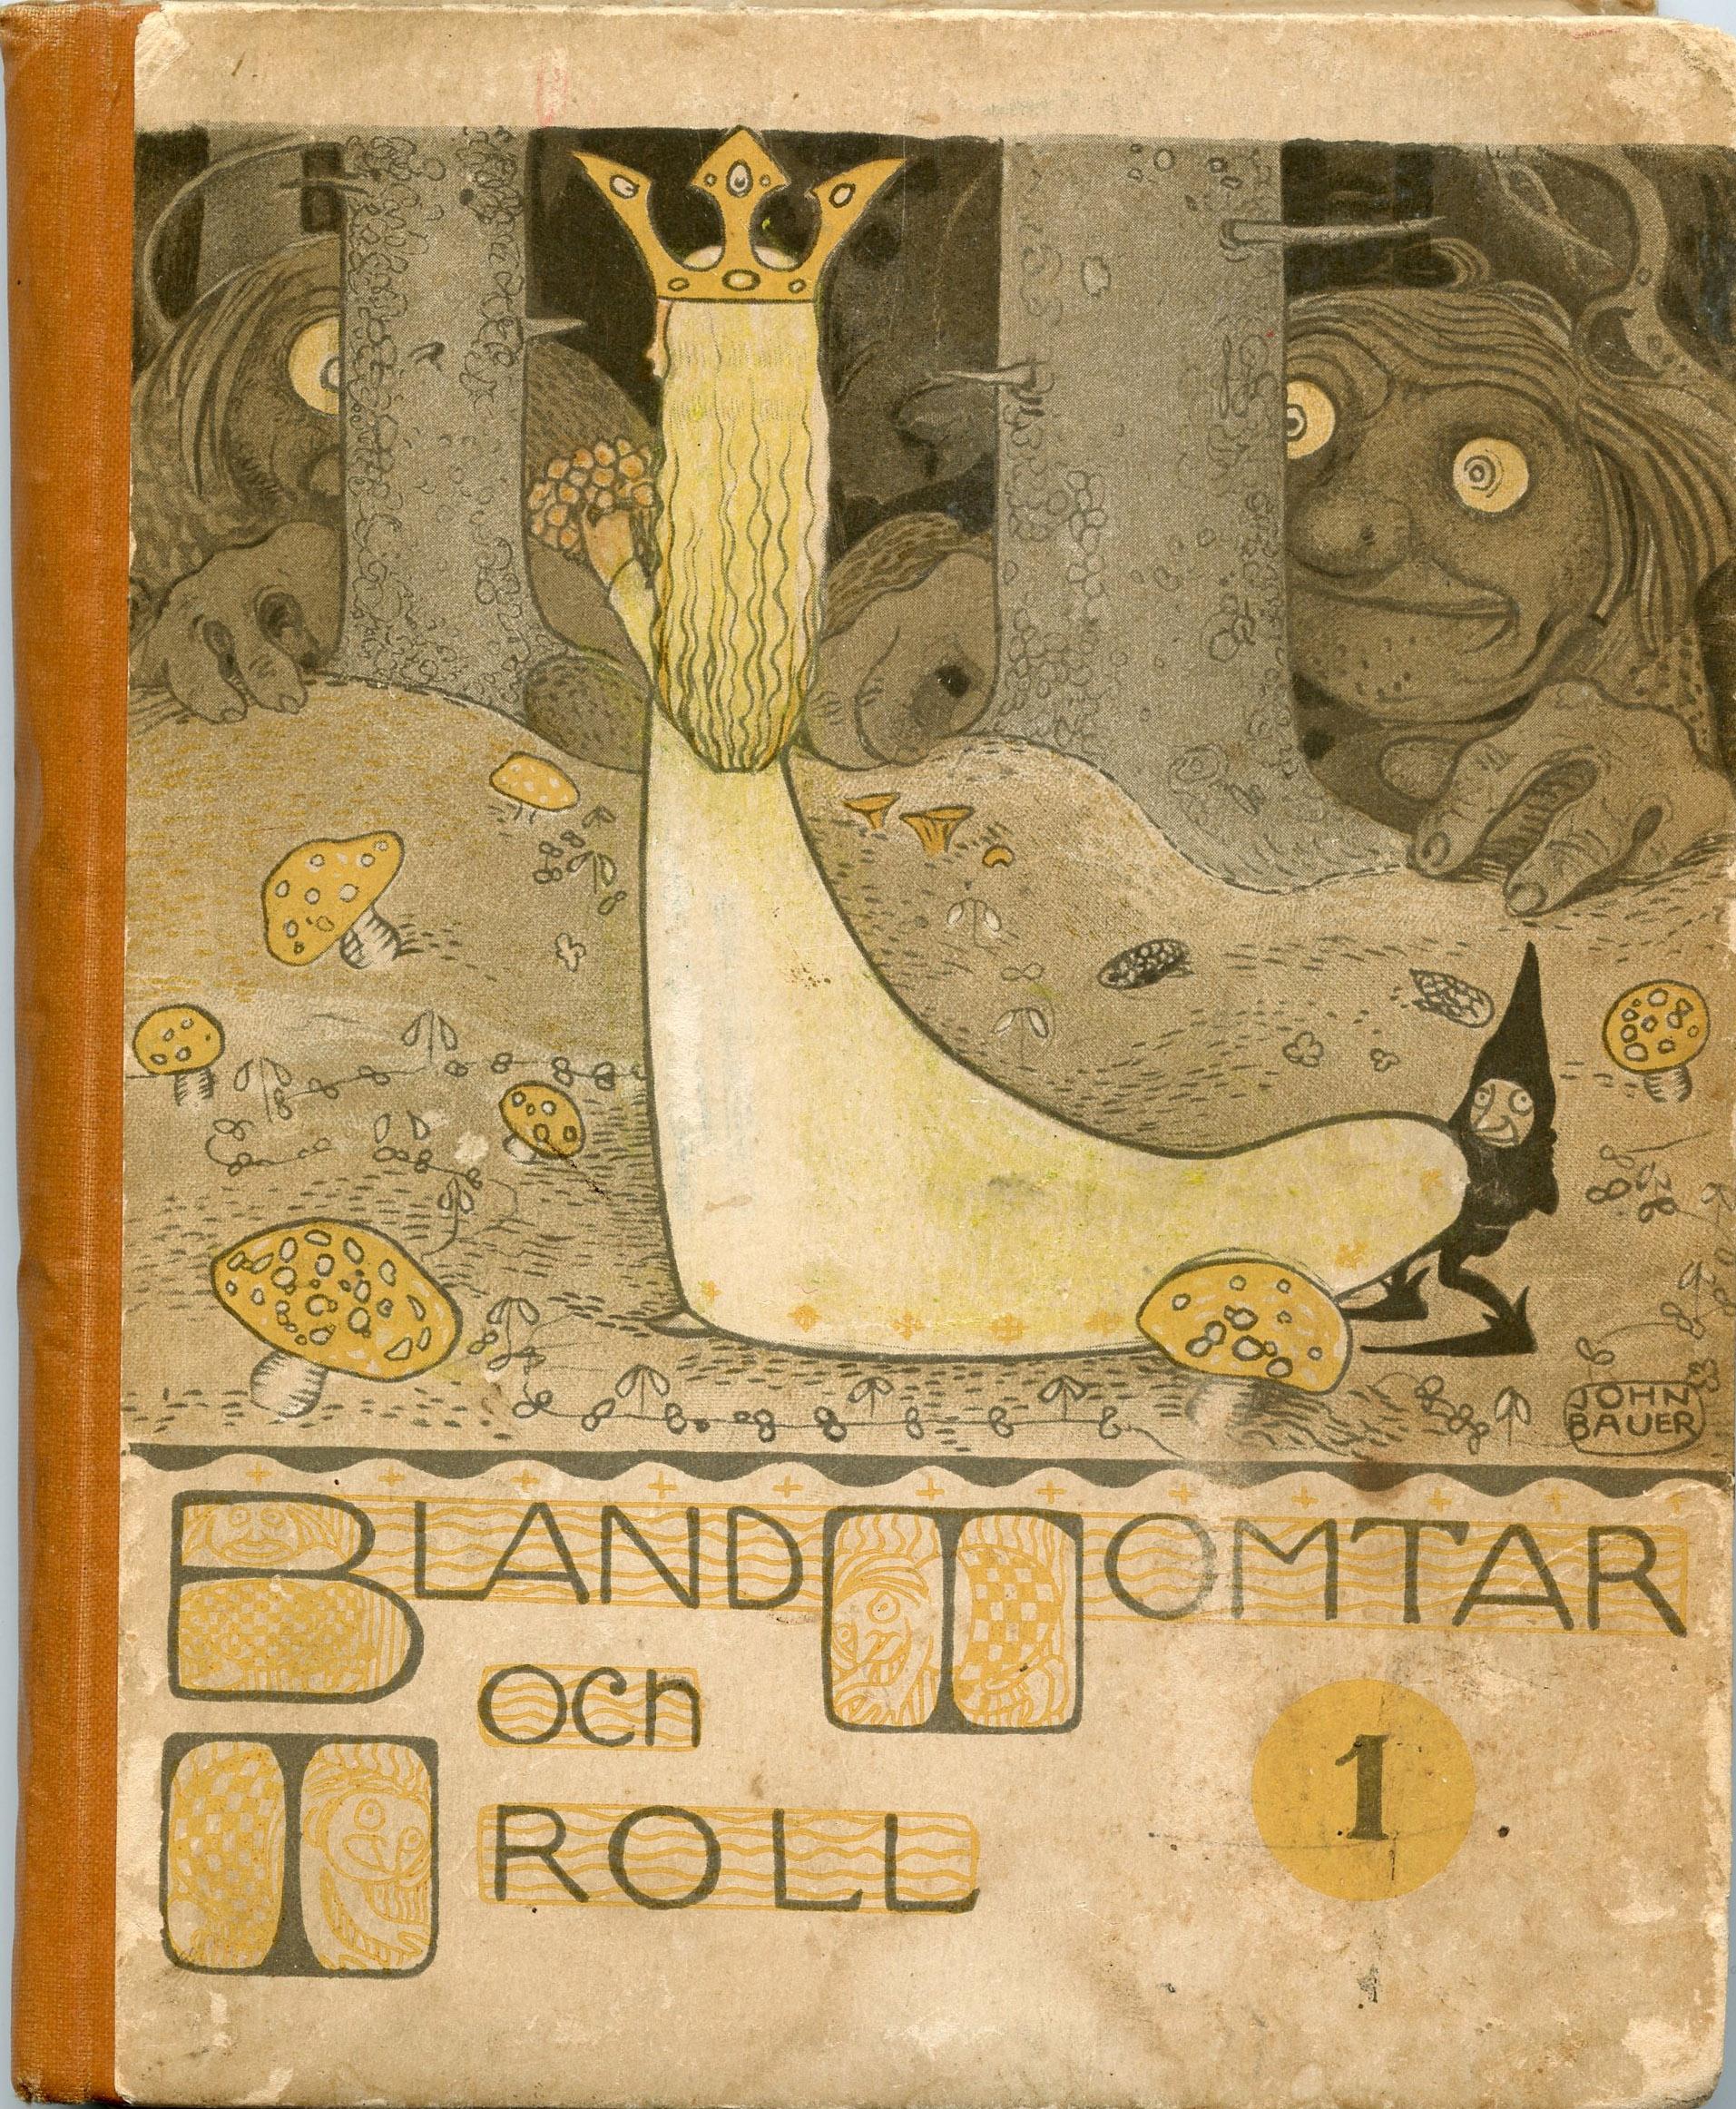 John Bauer - Bland Tomtar och Troll - första årgången (1907)